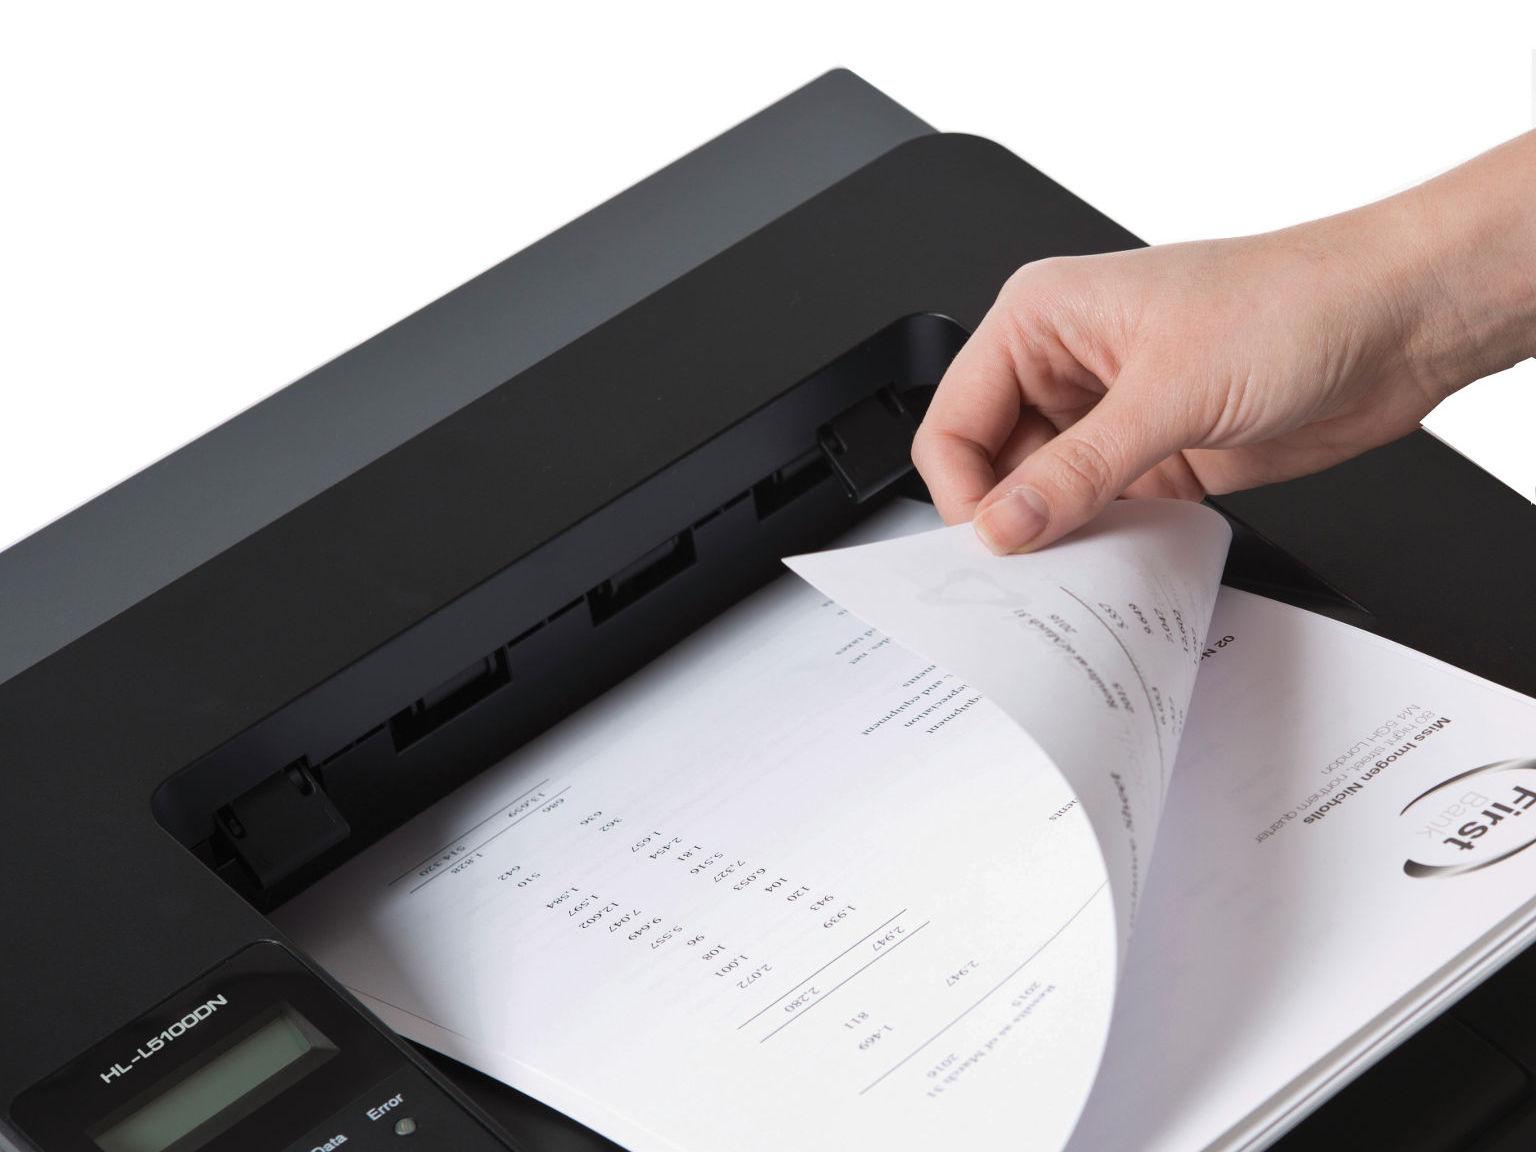 Impressoras Brother com frente e verso